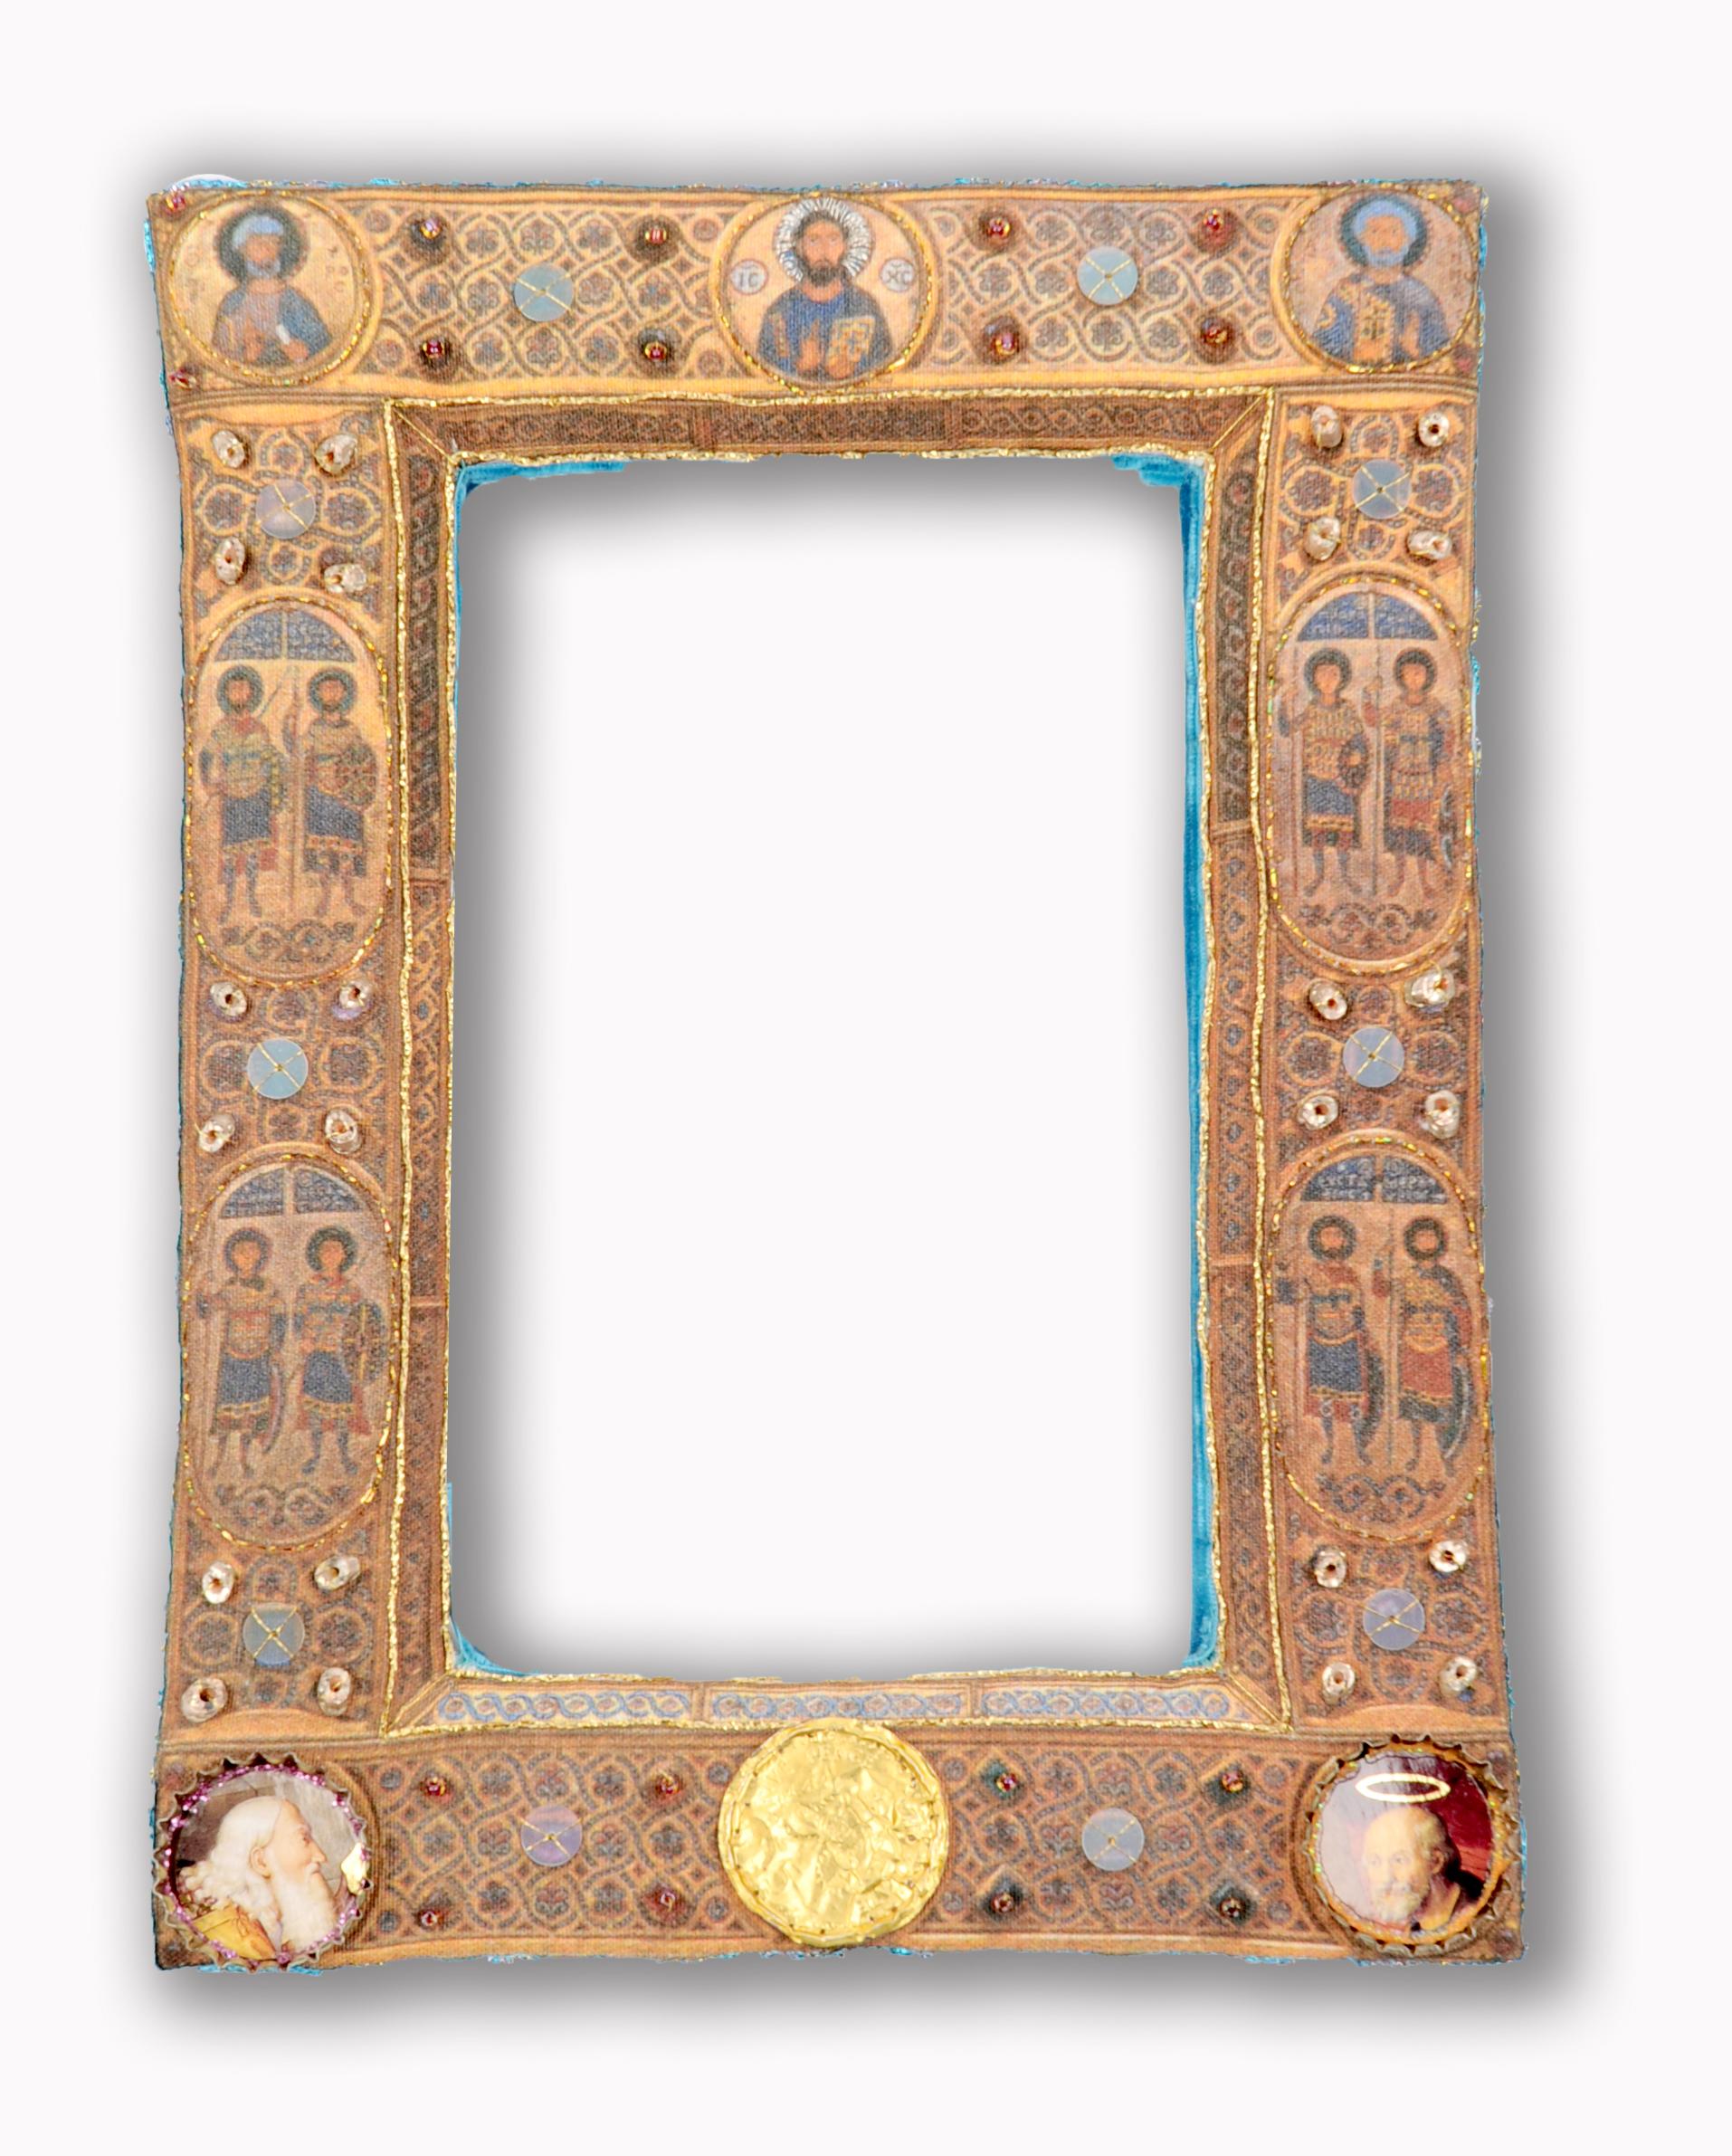 Byzantine-style Frame